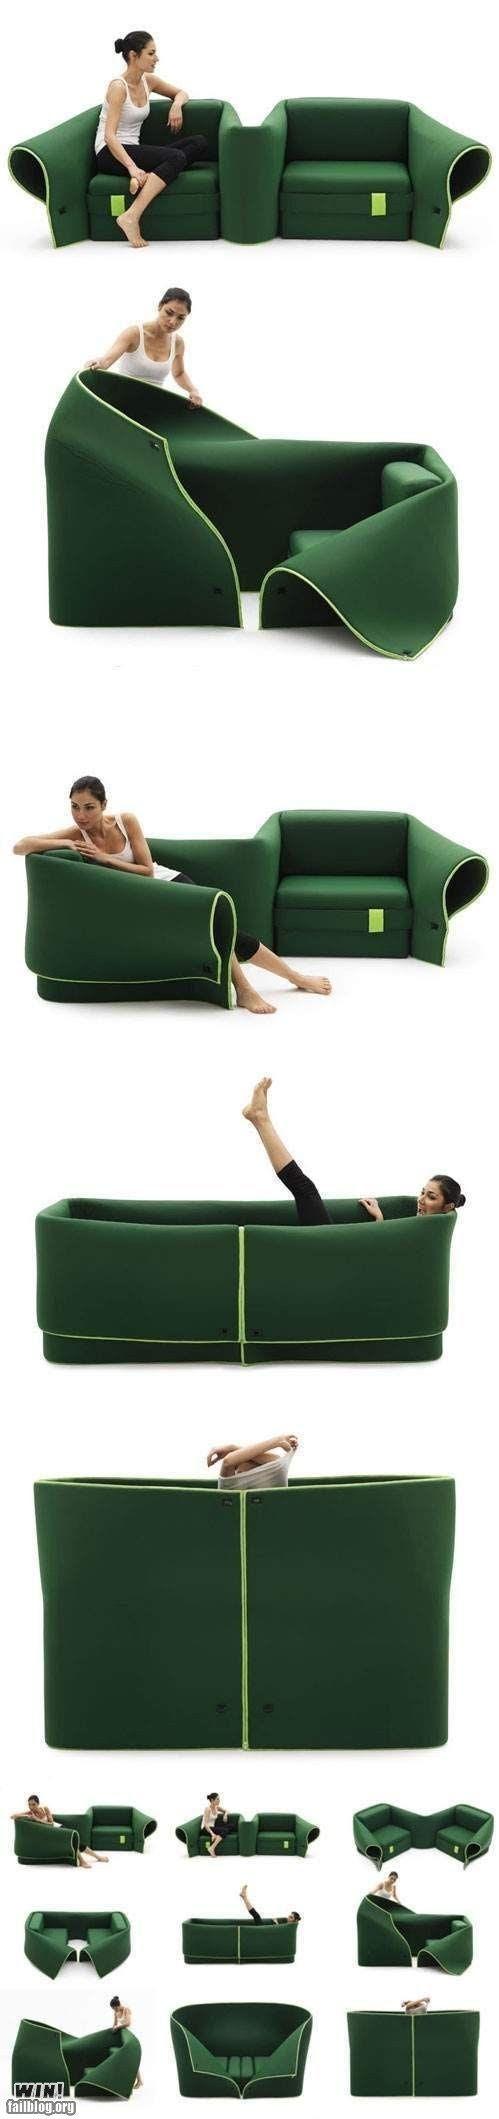 El sofá que se adapta a las necesidades de cada momento!!